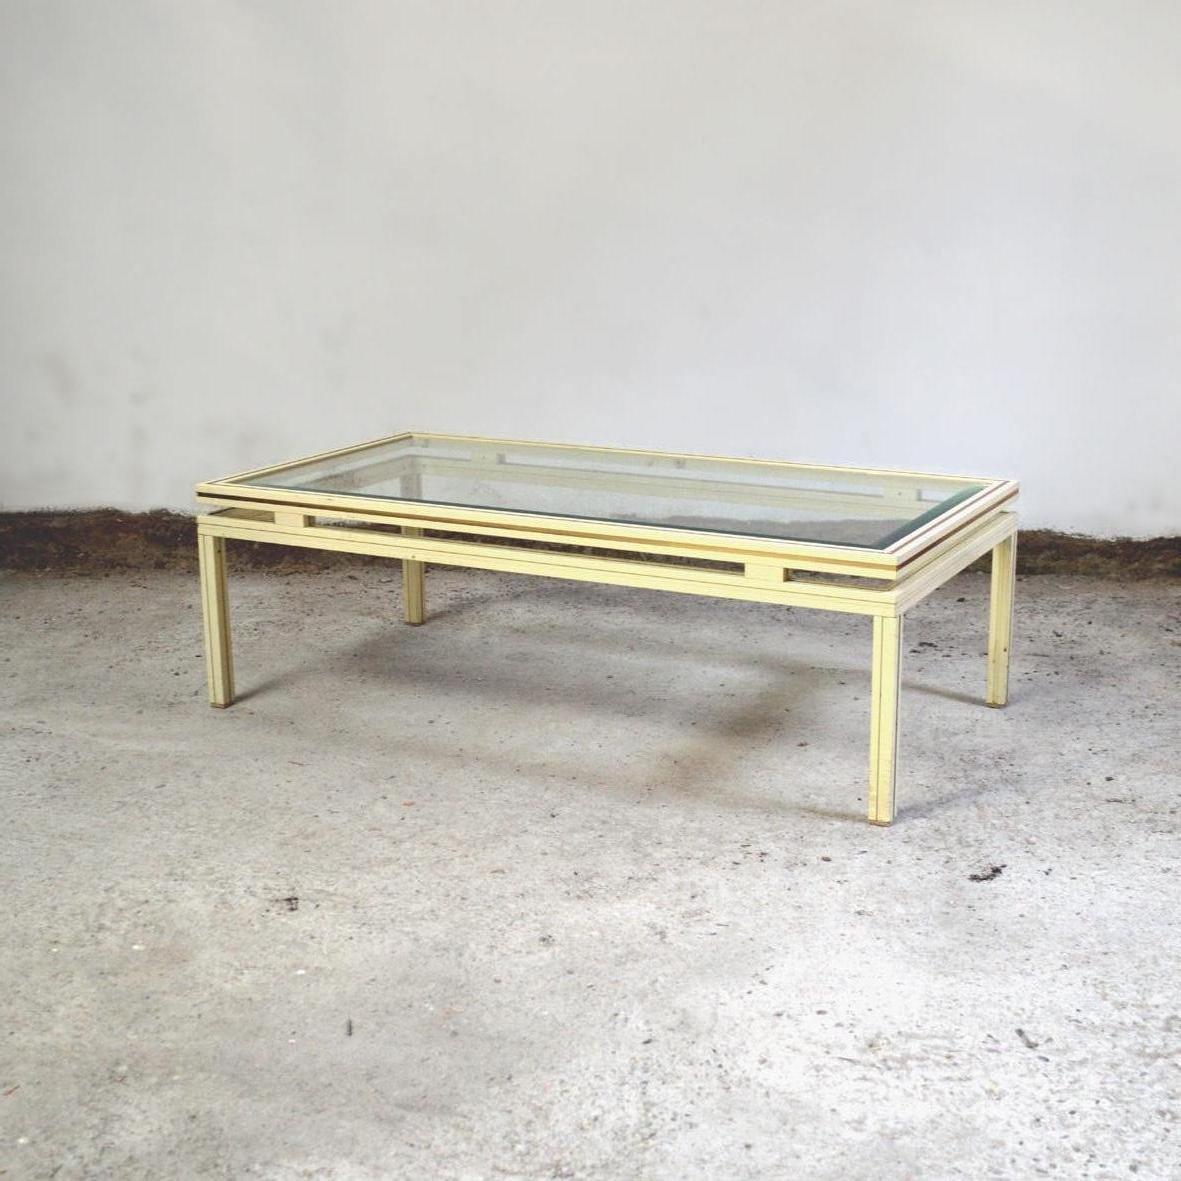 Table basse par pierre vandel 1970s en vente sur pamono for Table basse pierre